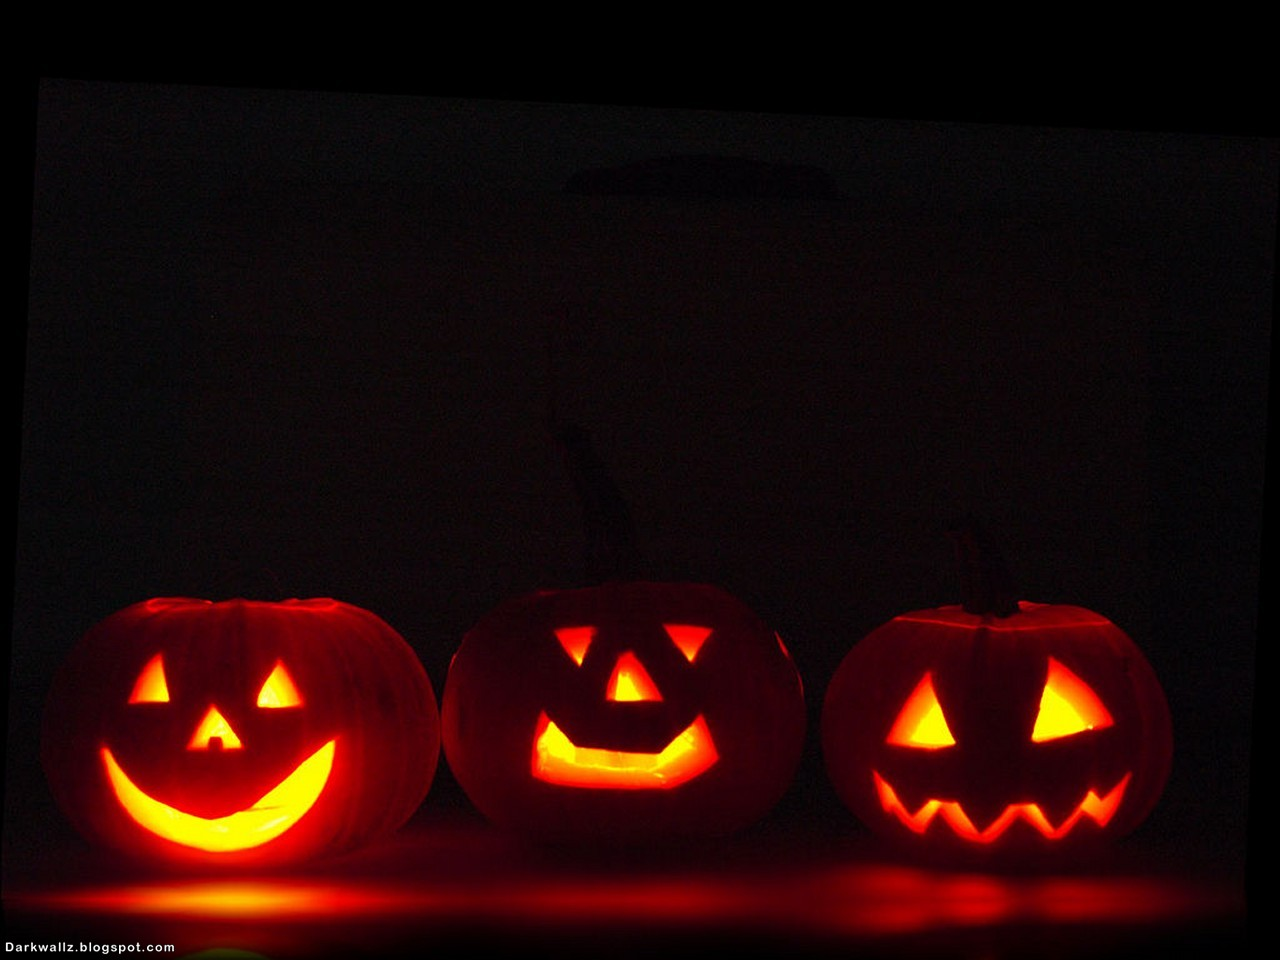 http://4.bp.blogspot.com/_-jo2ZCYhKaY/S4ajqWq2J5I/AAAAAAAAFyg/Jisls9AZ3lU/s1600/Halloween_Wallpapers_109%2B(darkwallz.blogspot.com).jpg